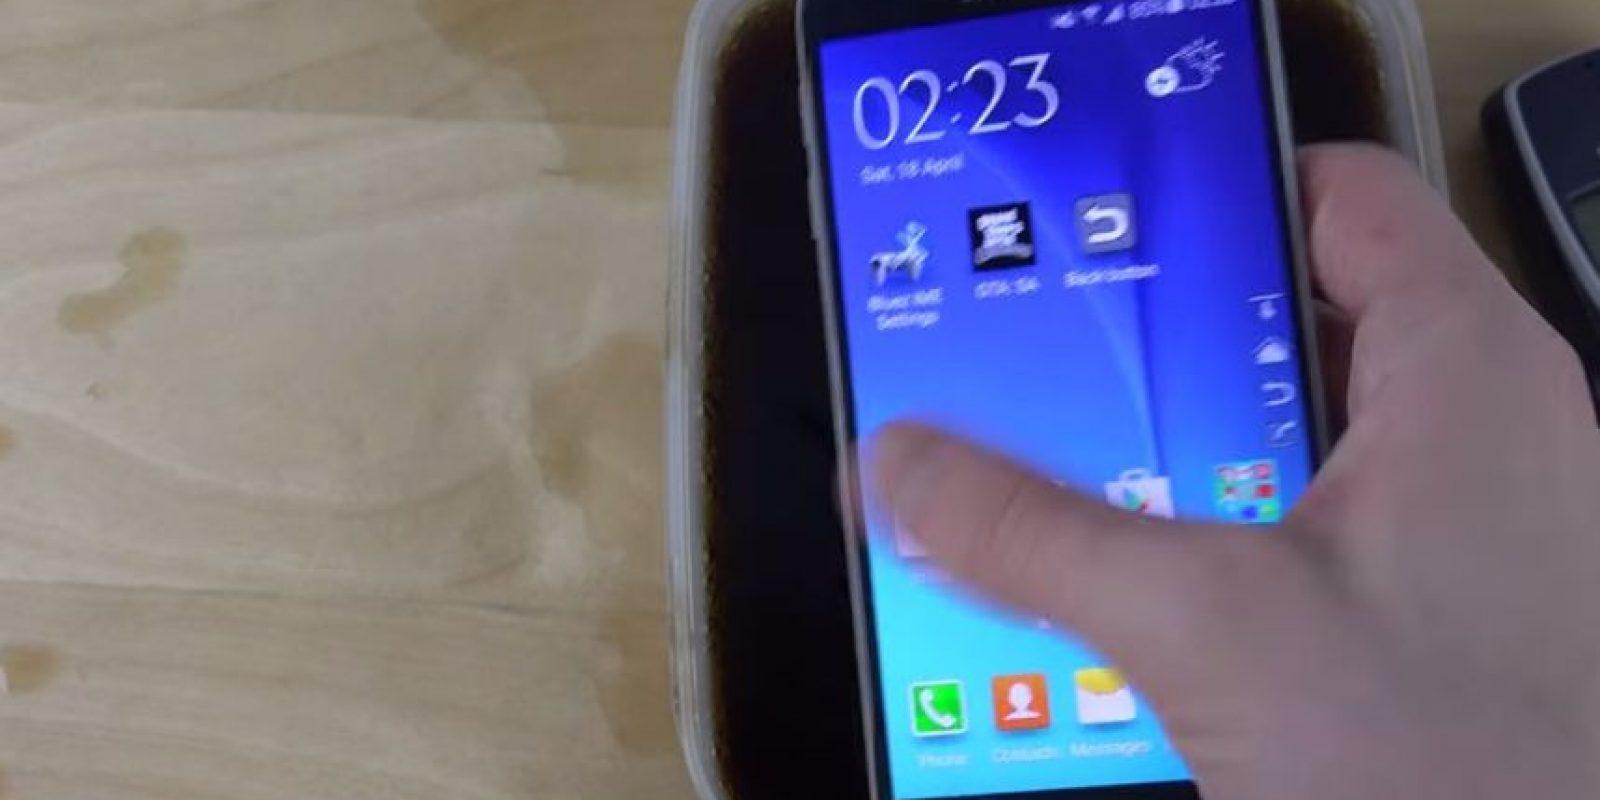 El dispositivo funciona. Foto:adrianisen